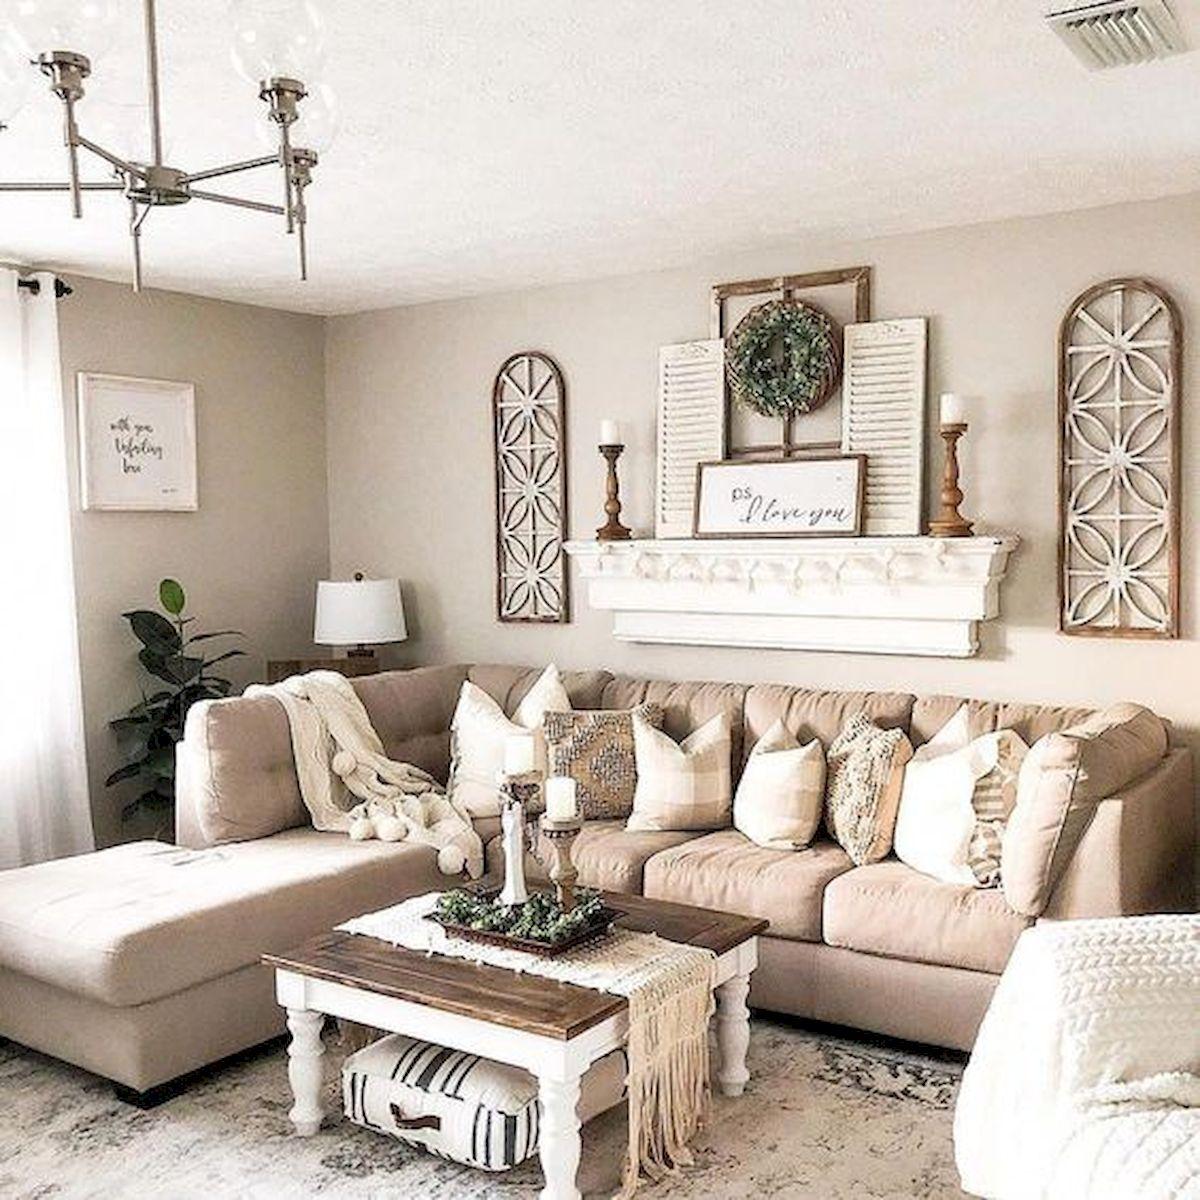 50 Cozy Farmhouse Living Room Design and Decor Ideas (18)